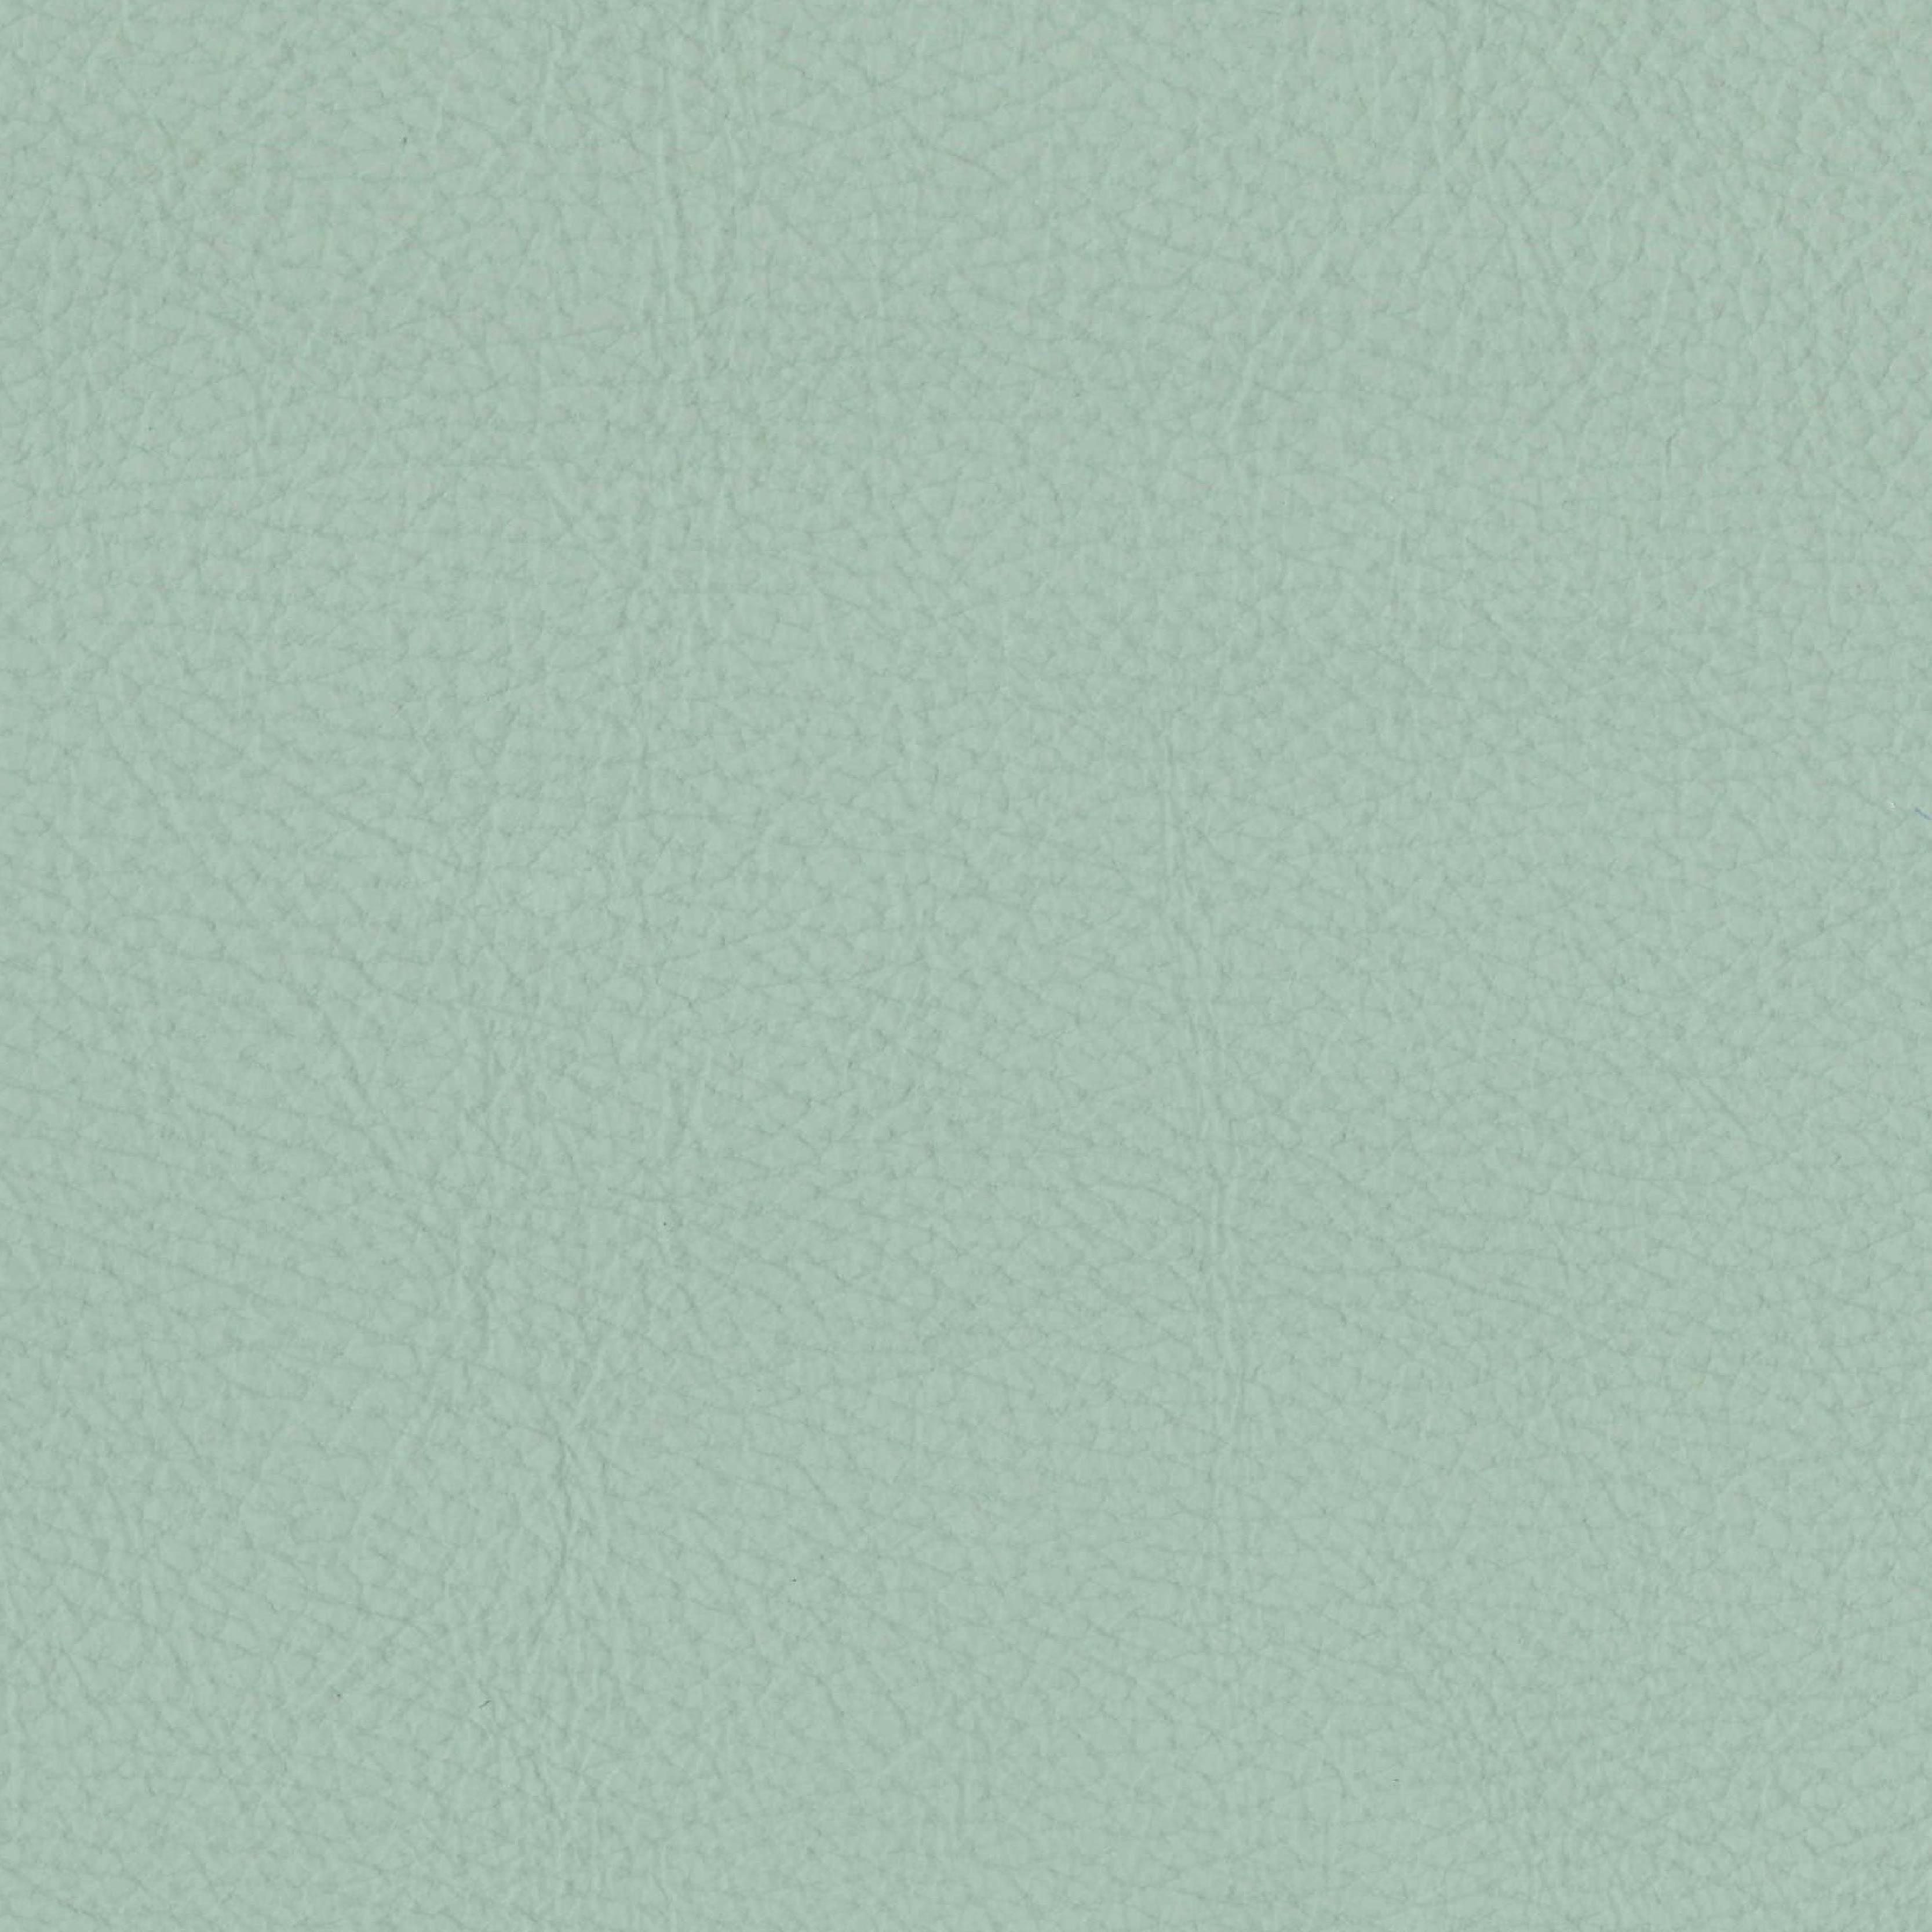 Yarwood Leather Style Soft Jade